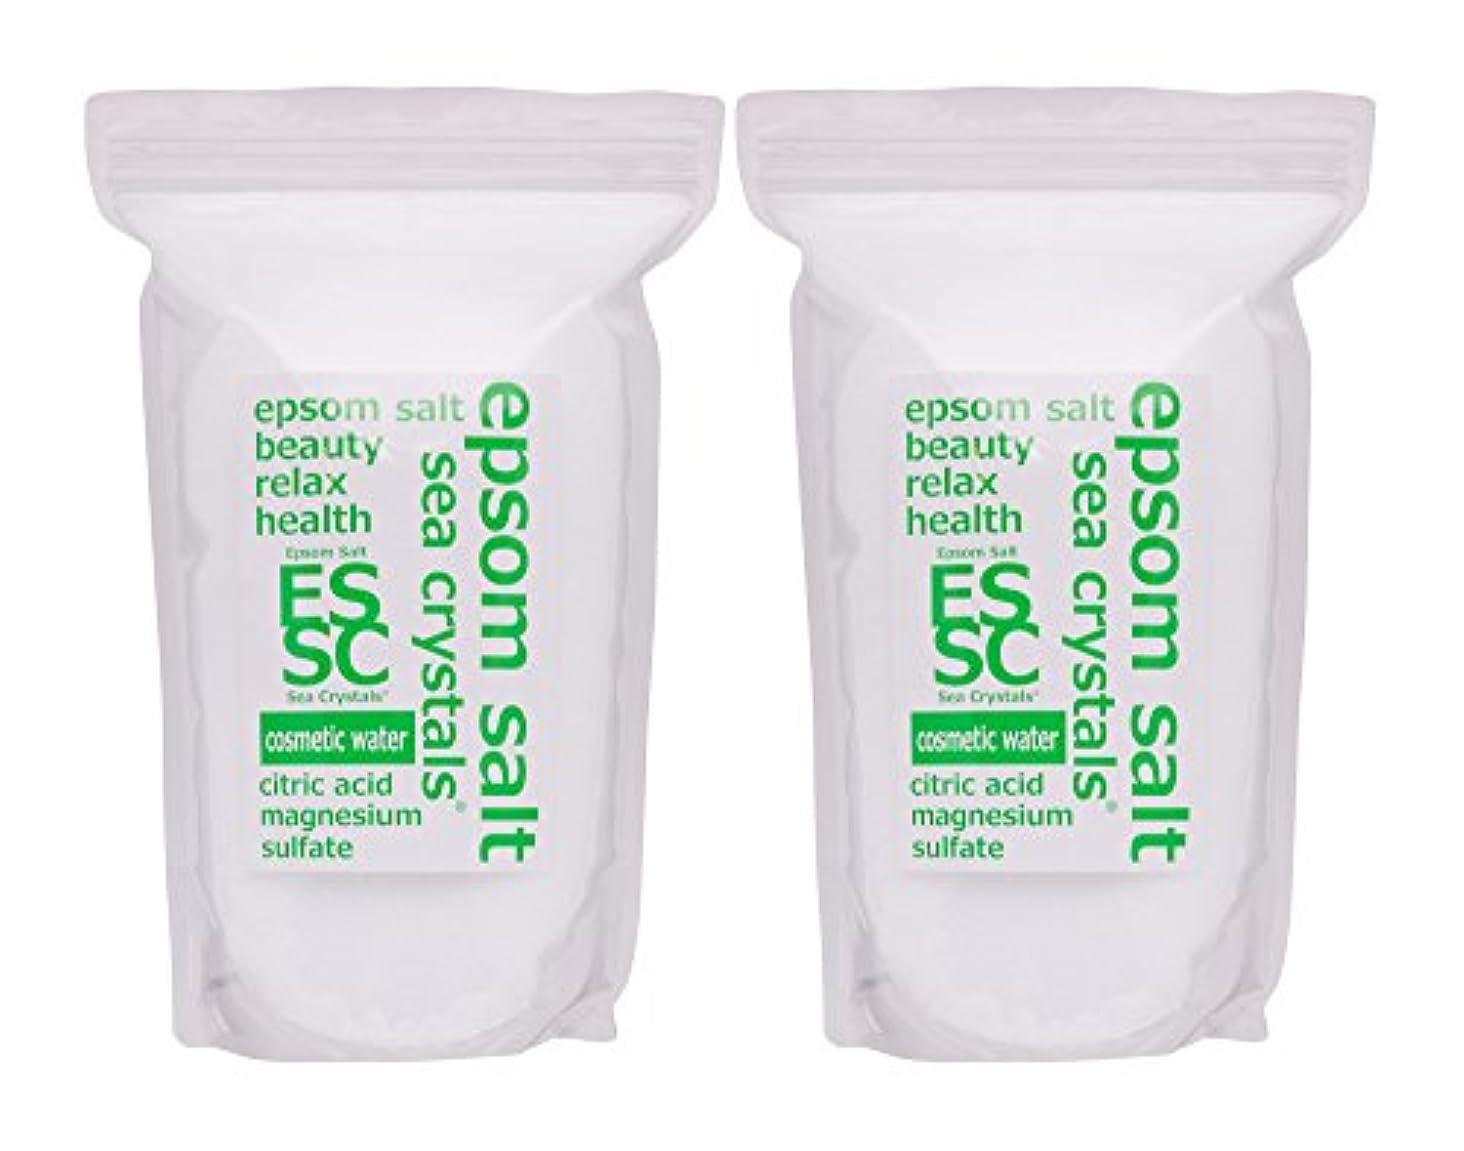 認証形式毎回エプソムソルト コスメティックウォーター 4,4kg(2.2kgX2) 入浴剤(浴用化粧品)クエン酸配合 シークリスタルス 計量スプーン付